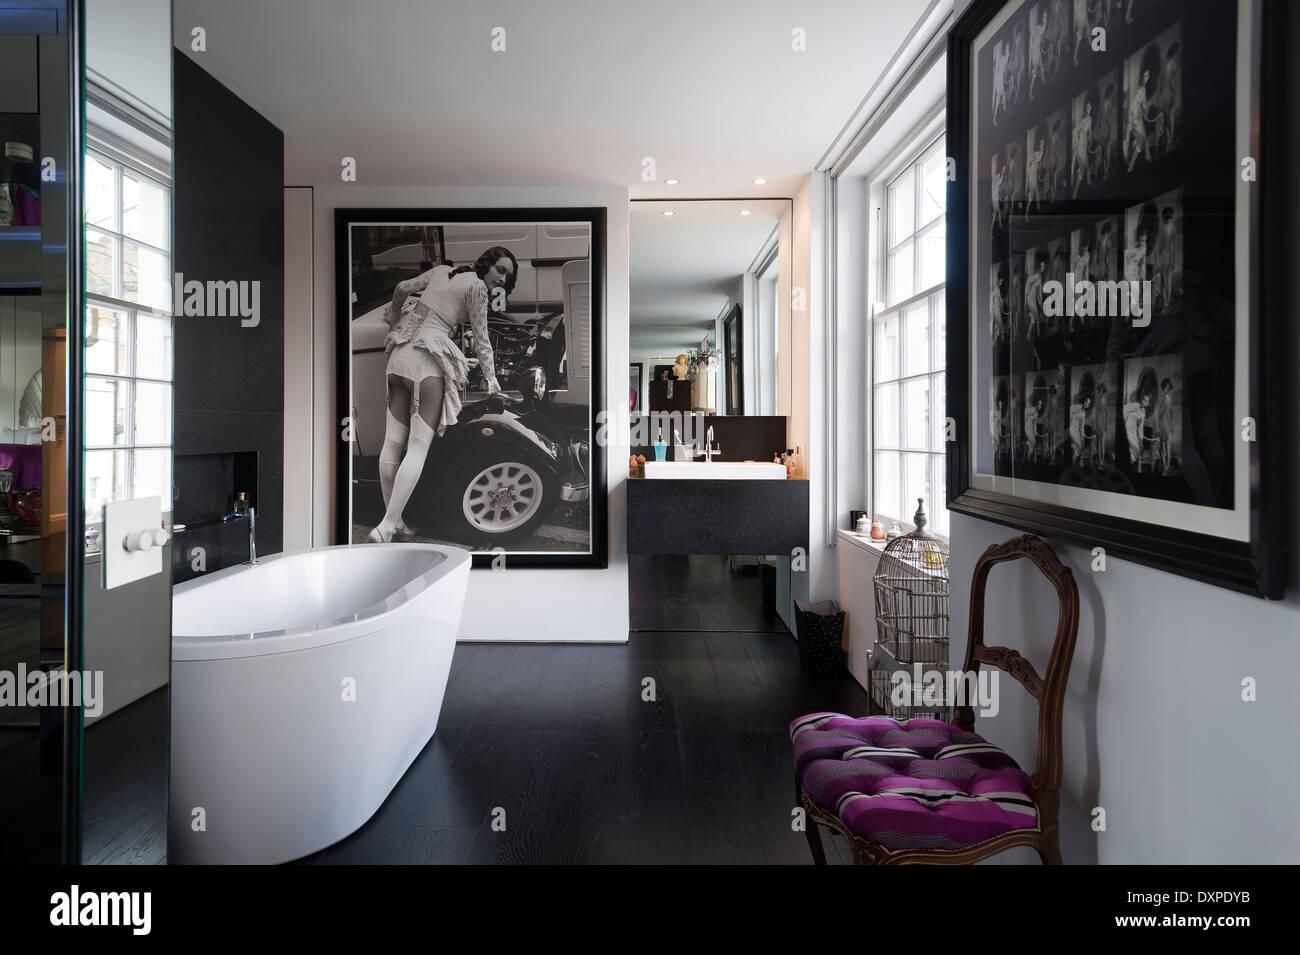 Modernes Badezimmer mit schwarz / weiß Fotografie Poster und ...